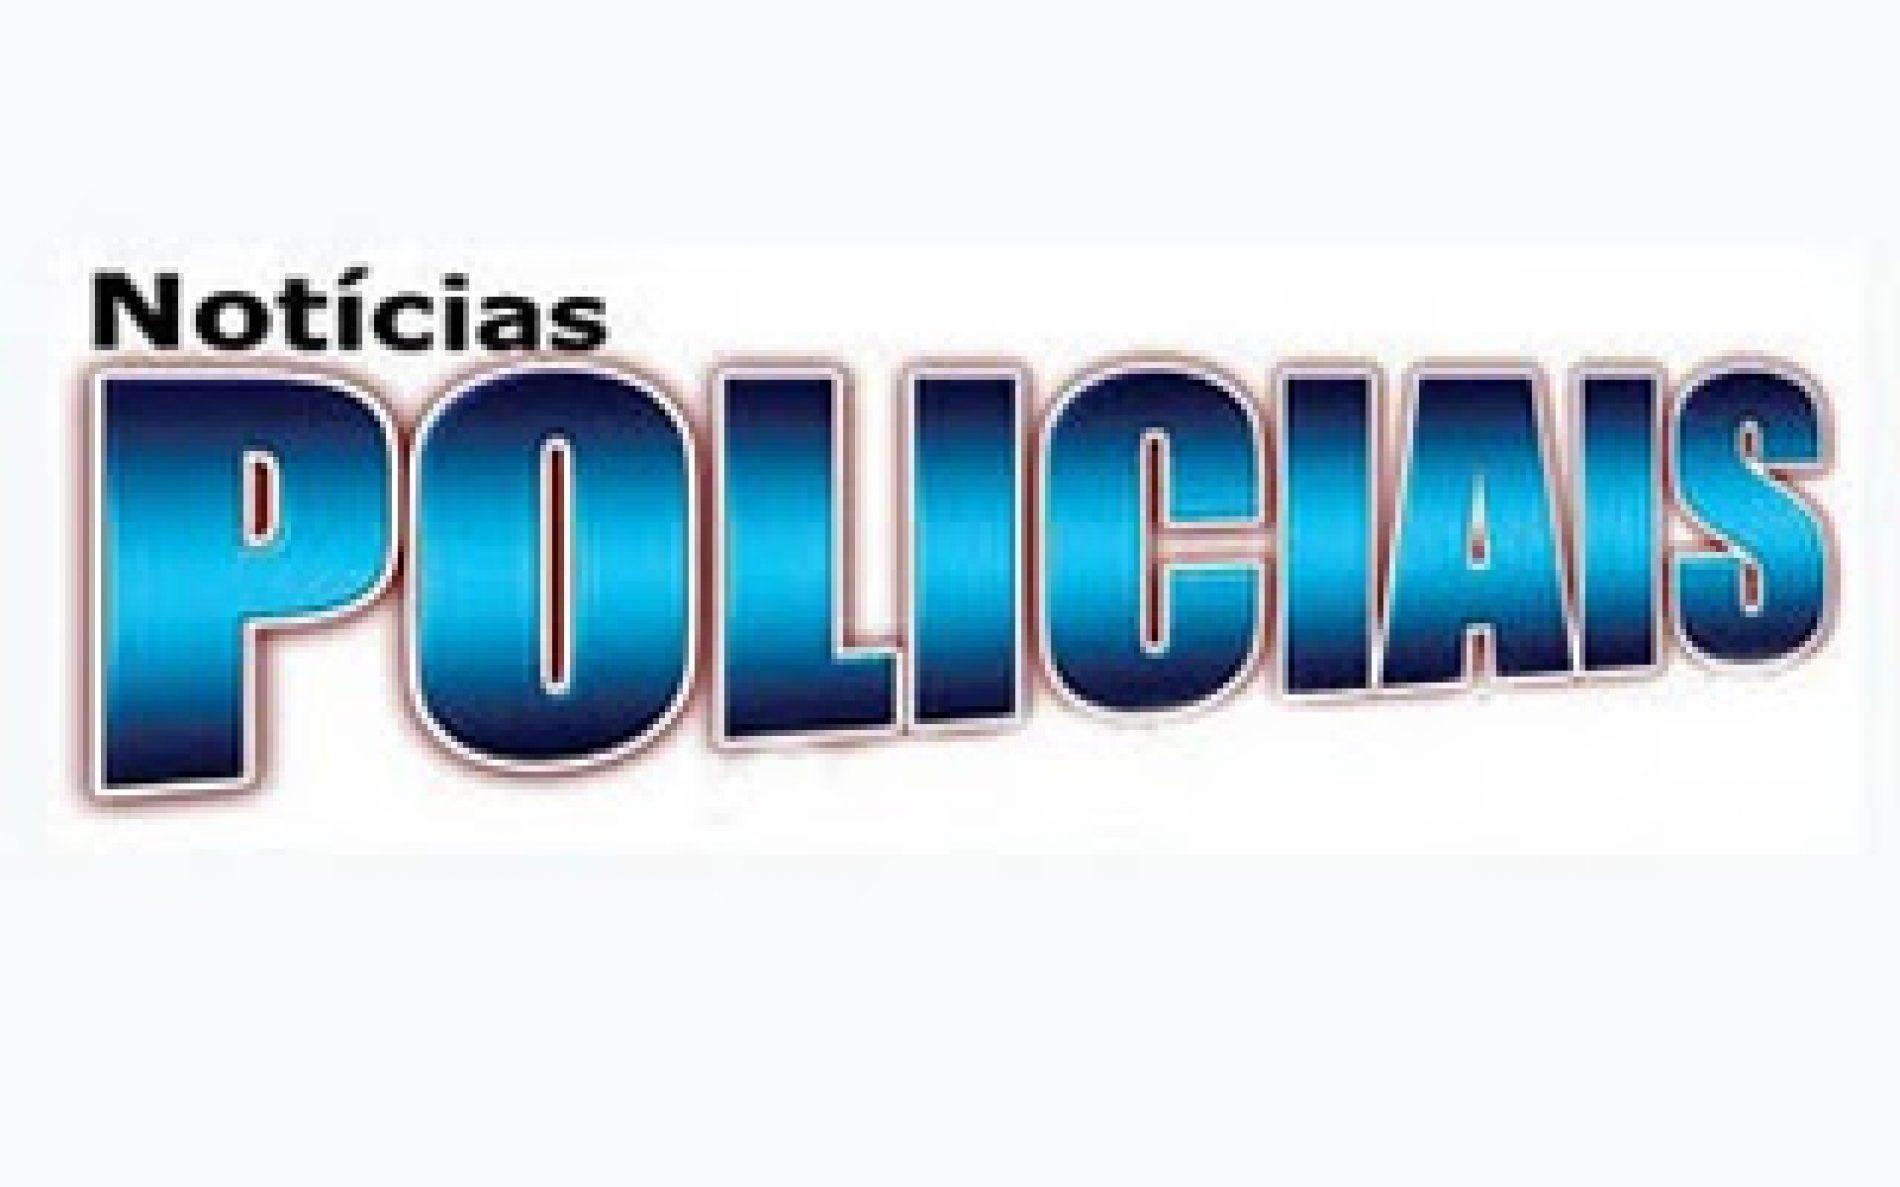 NOTICIAS POLICIAIS: Sem Habilitação e com documentos do veículo atrasado, eletricista tenta fugir de operação de trânsito em frente ao Shopping